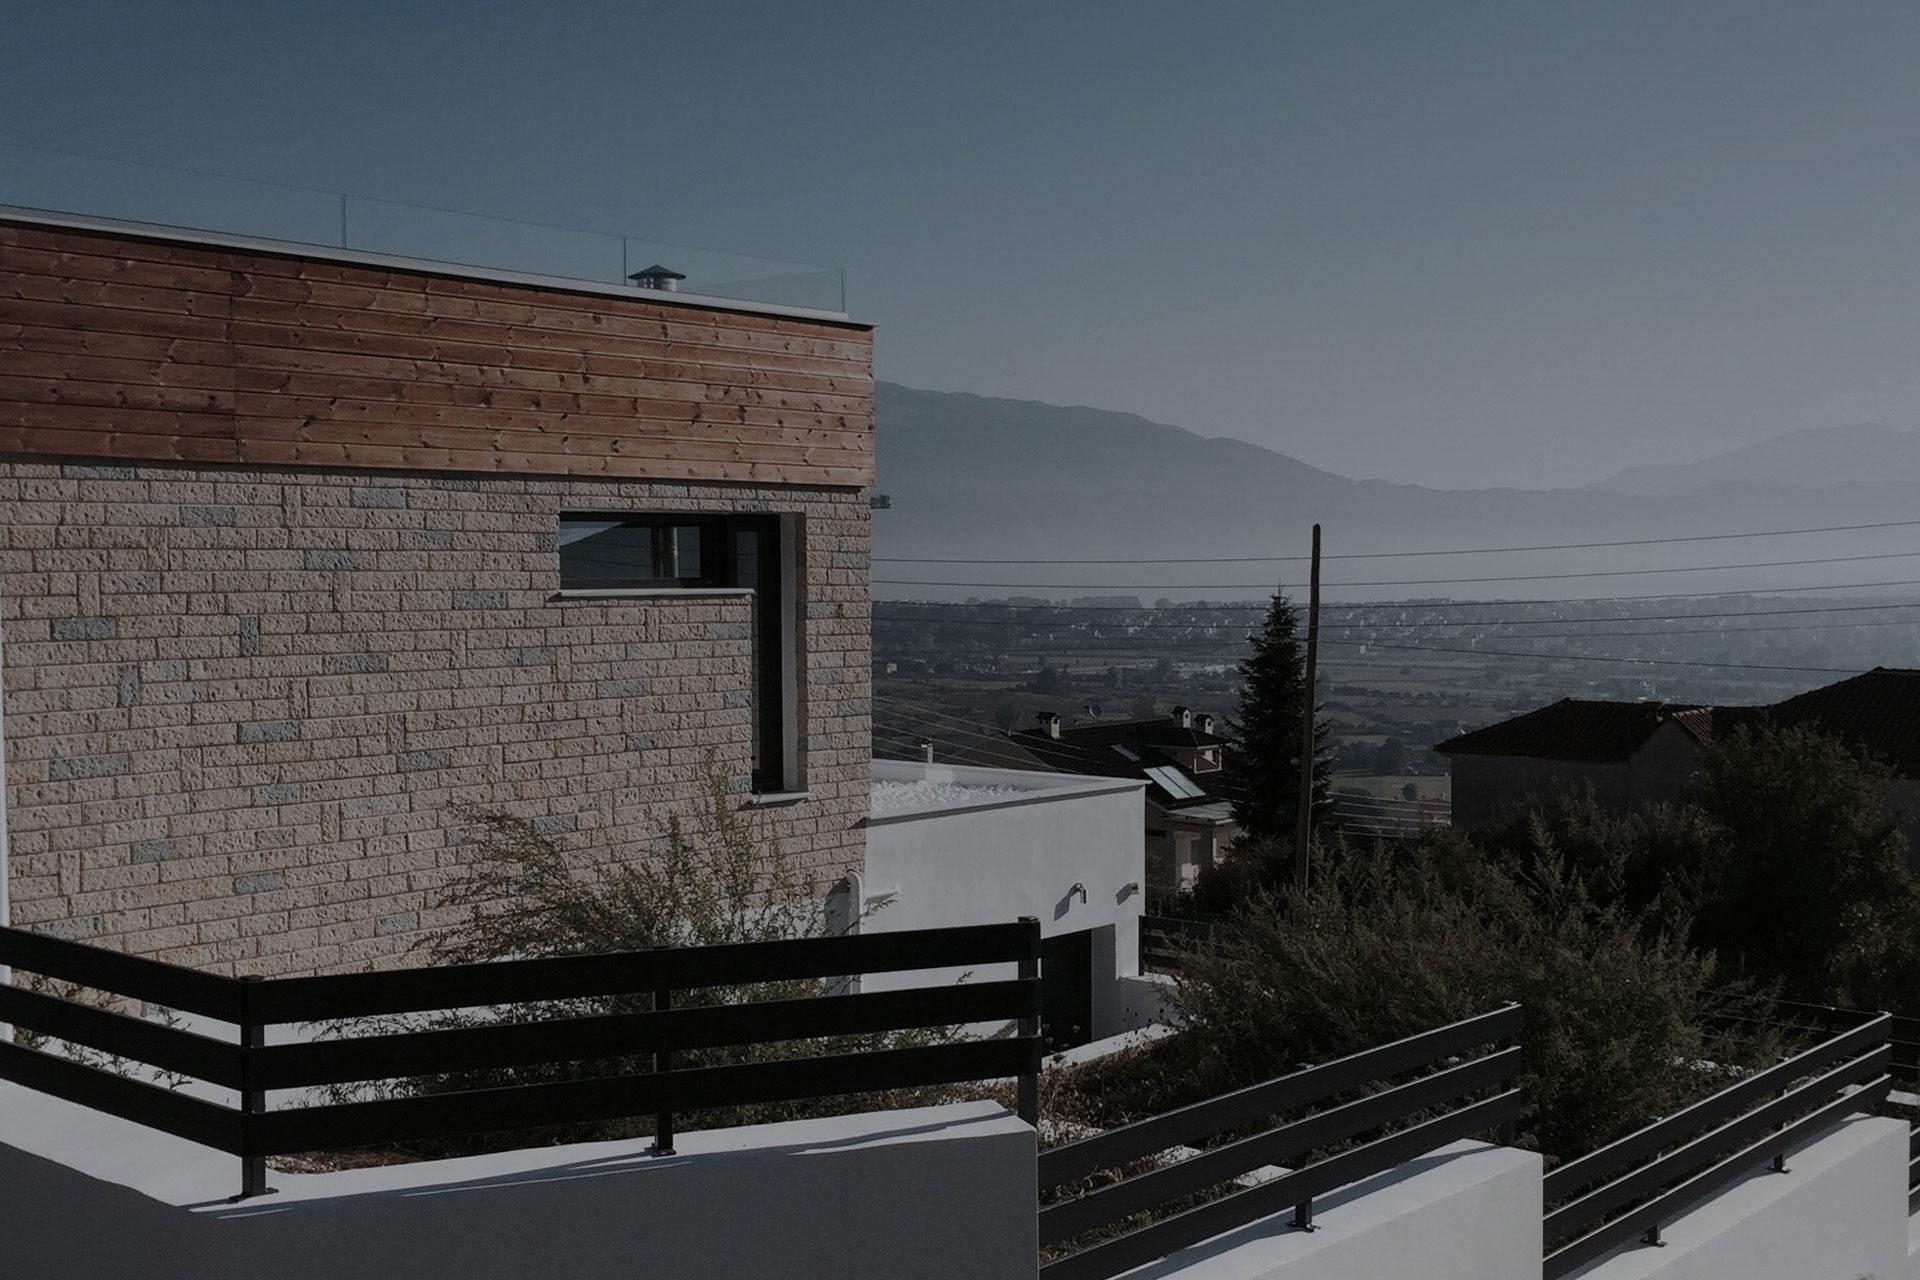 Χριστοφορίδης Κατασκευές | Μελέτη - Αρχιτεκτονικός σχεδιασμός